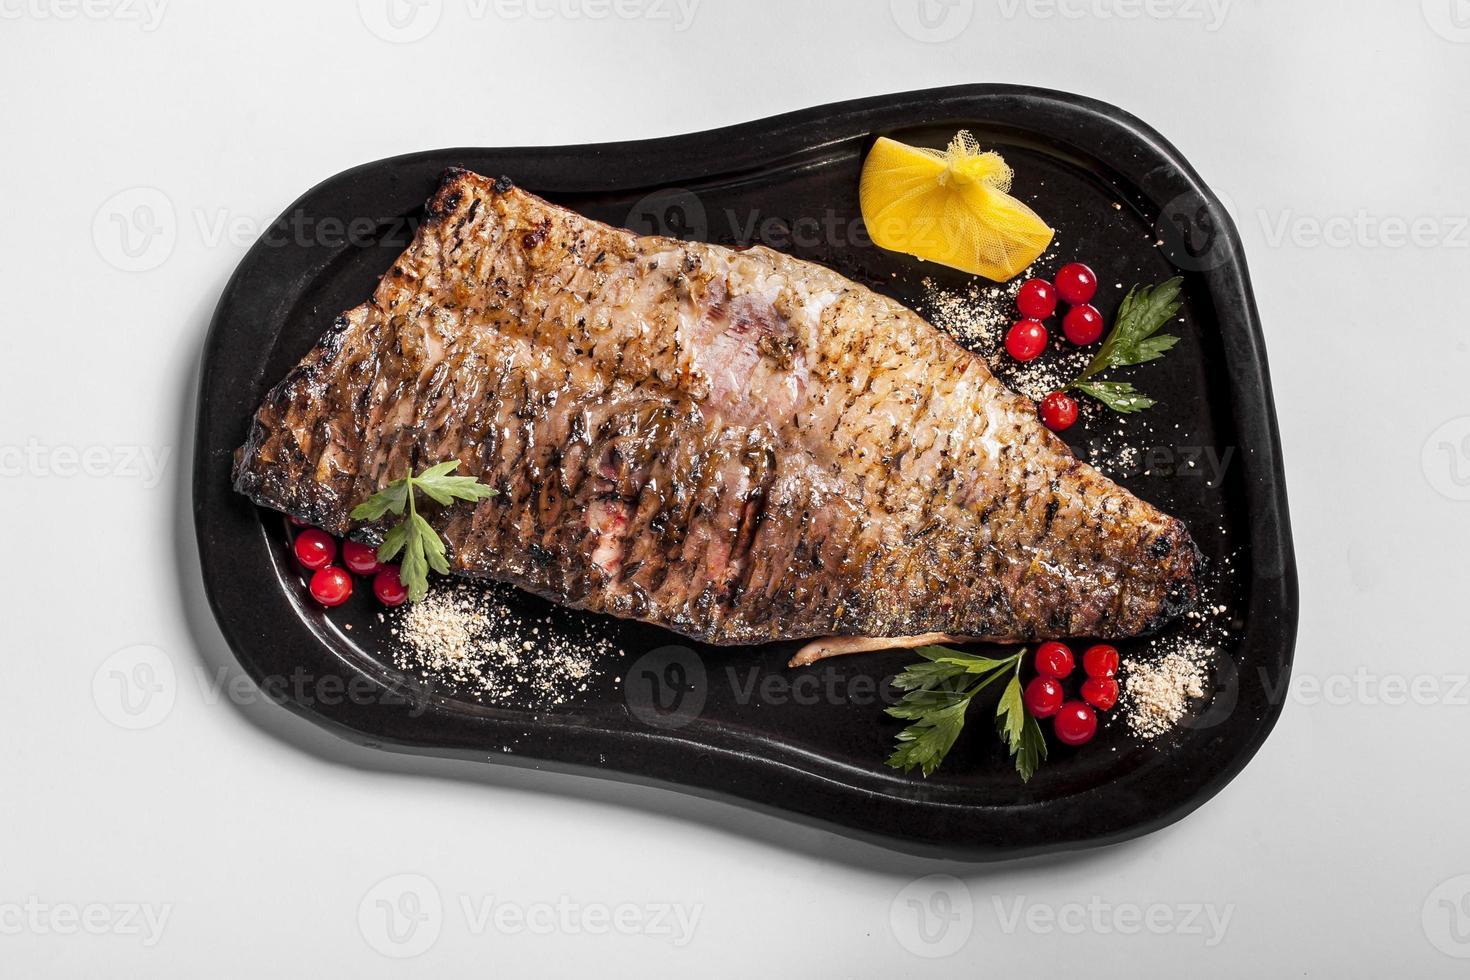 heerlijk gekookte vis met groenten foto